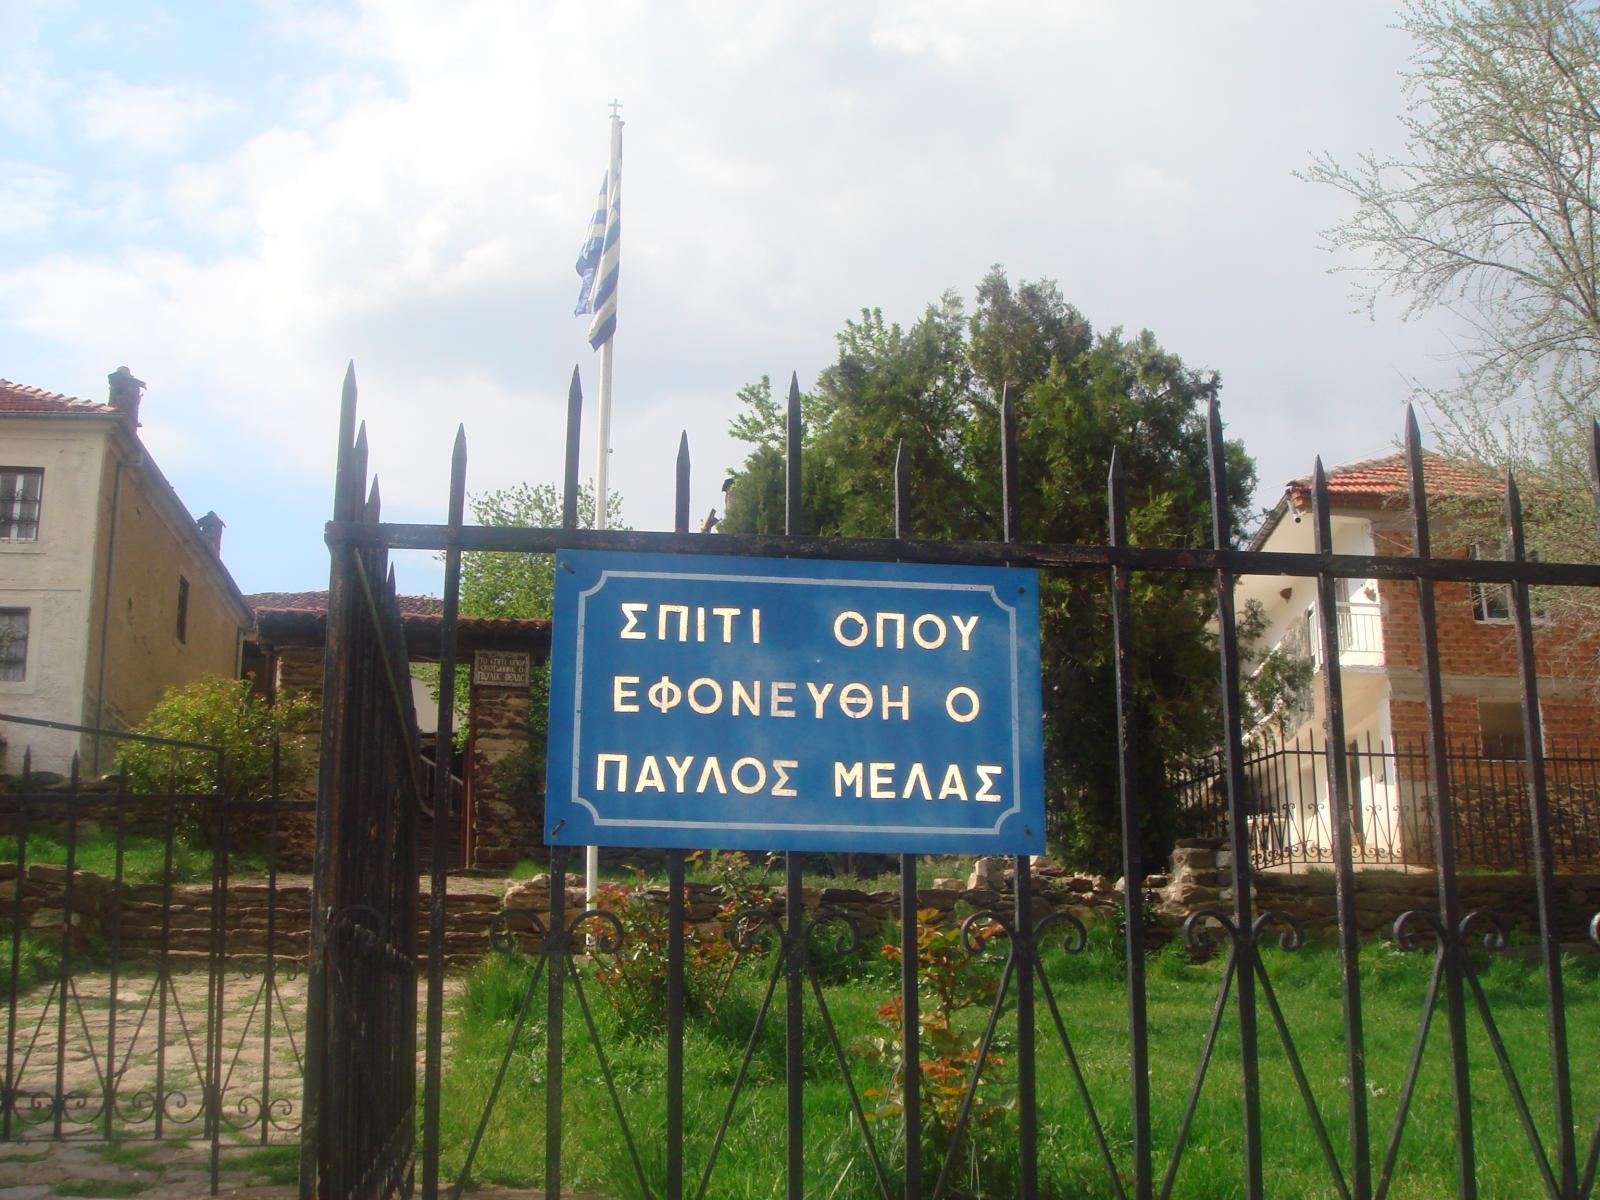 Σπίτι Παύλου Μελά